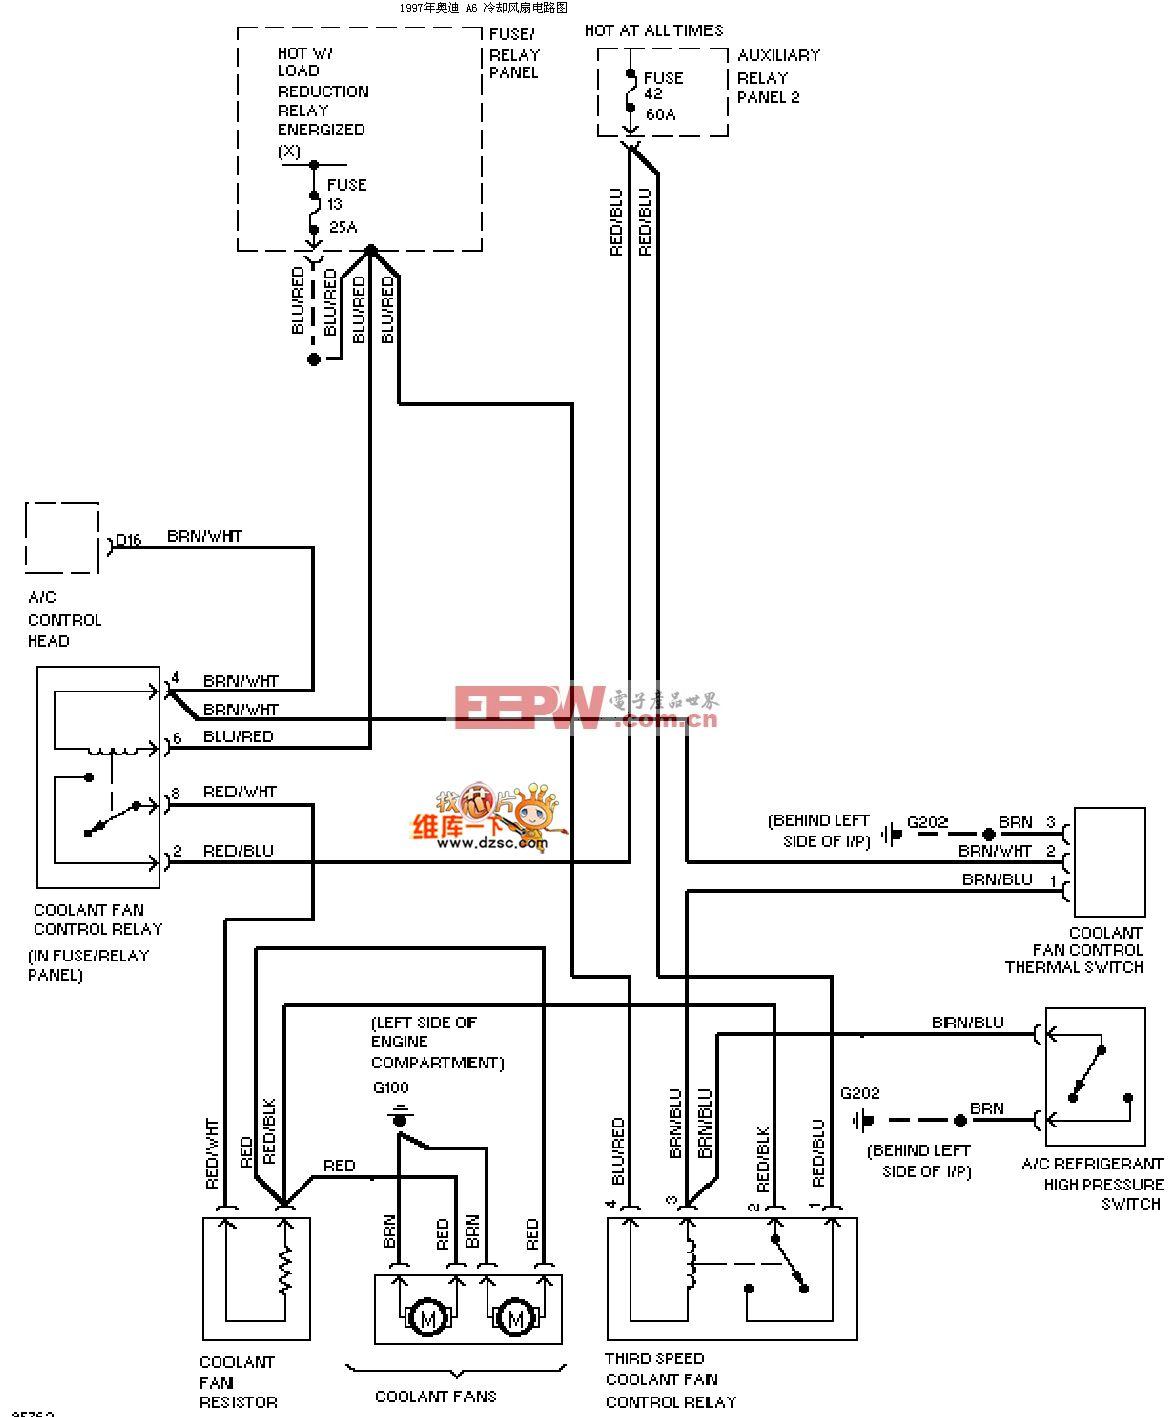 1997奥迪 a6 冷却风扇电路图